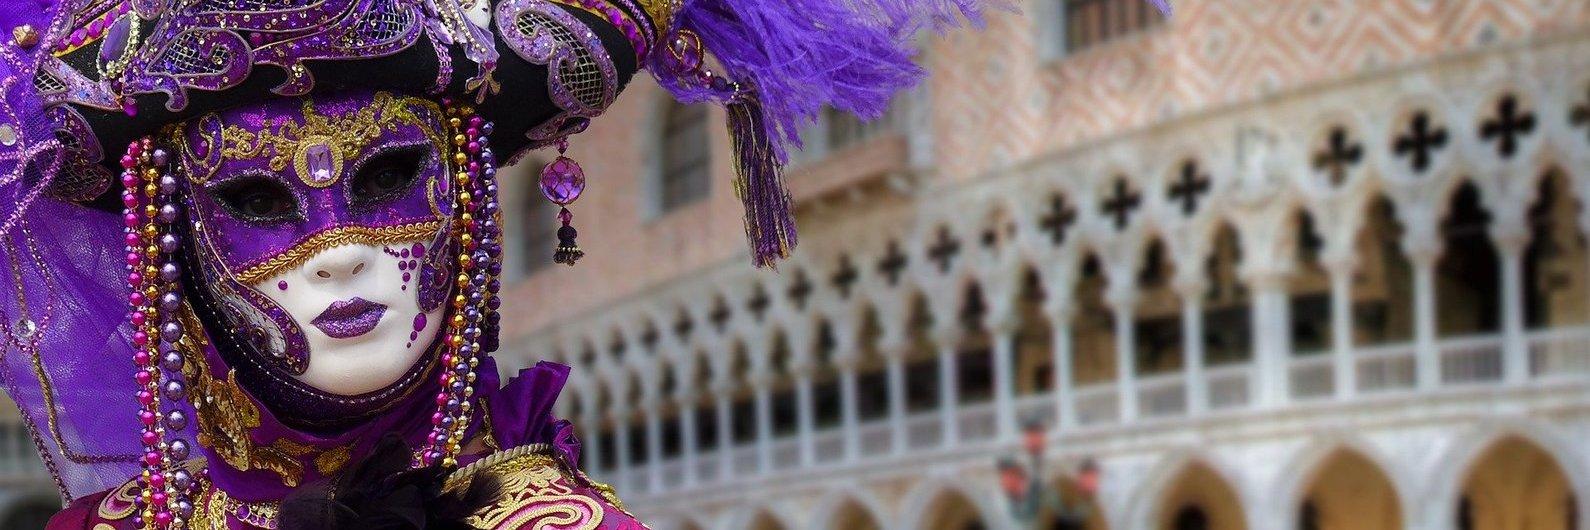 Se está a planear aproveitar o próximo Carnaval em grande, temos uma sugestão para si: Veneza